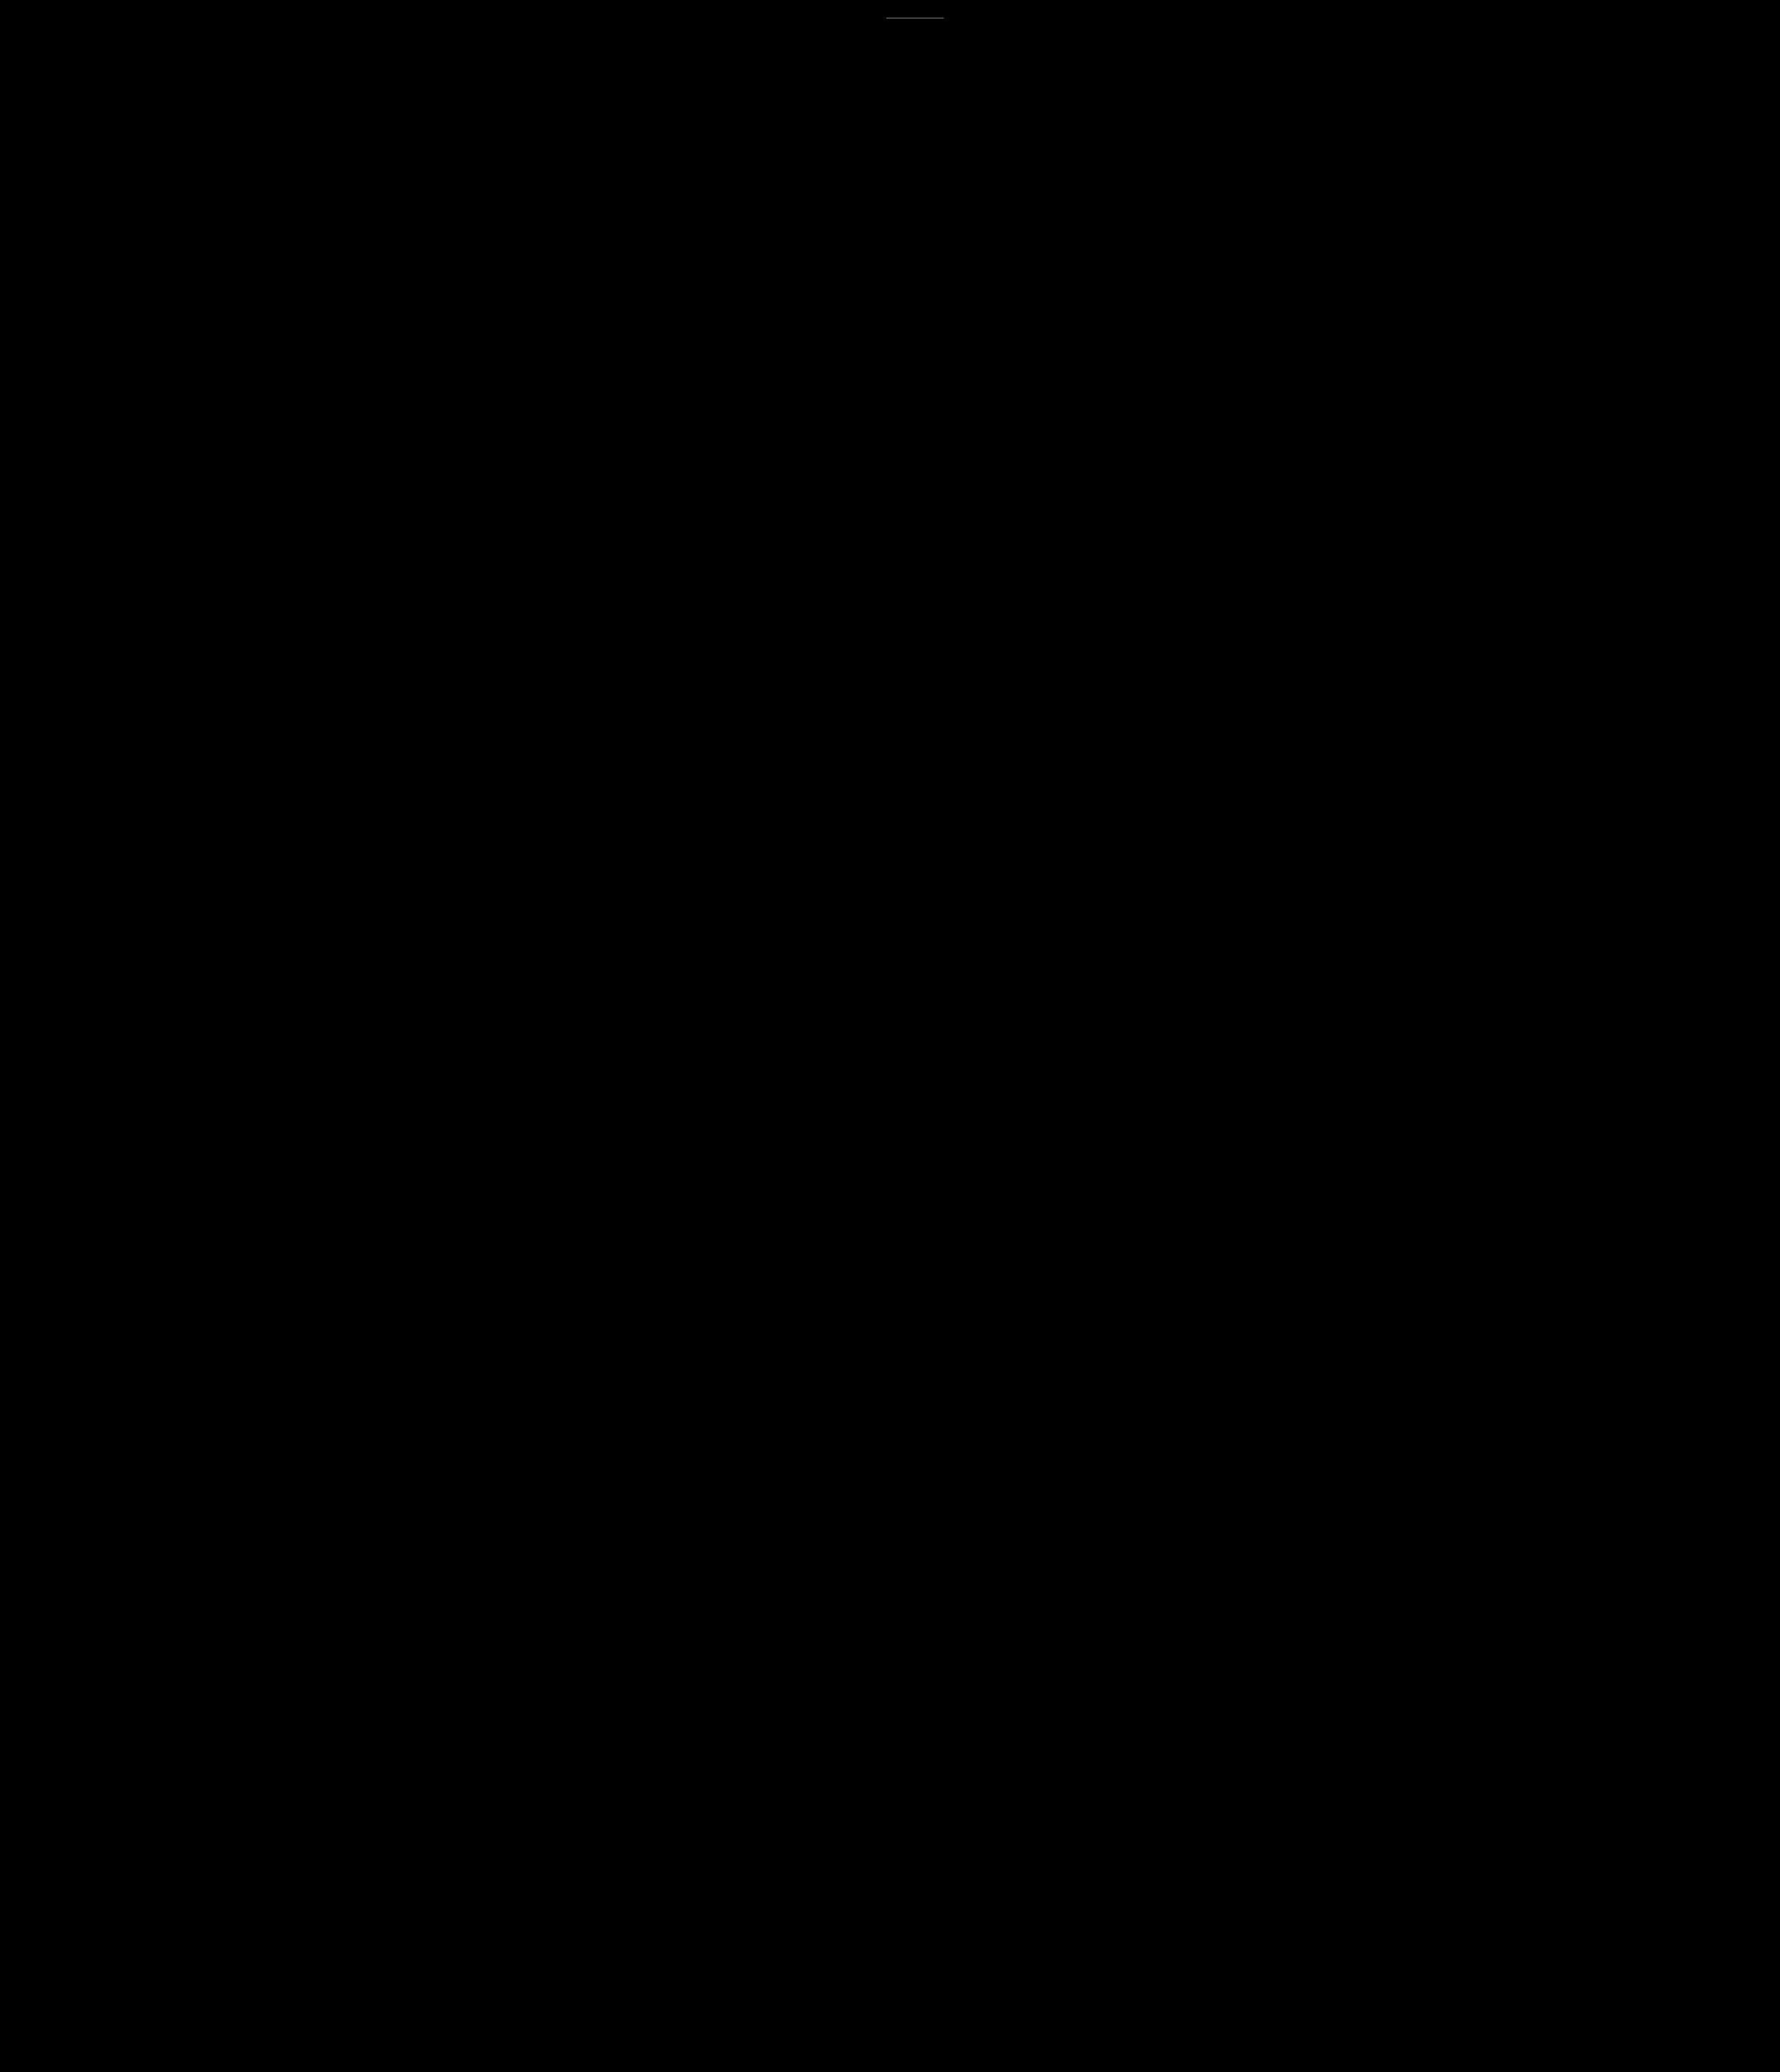 Apo - Gründer von Escapetime Erlangen